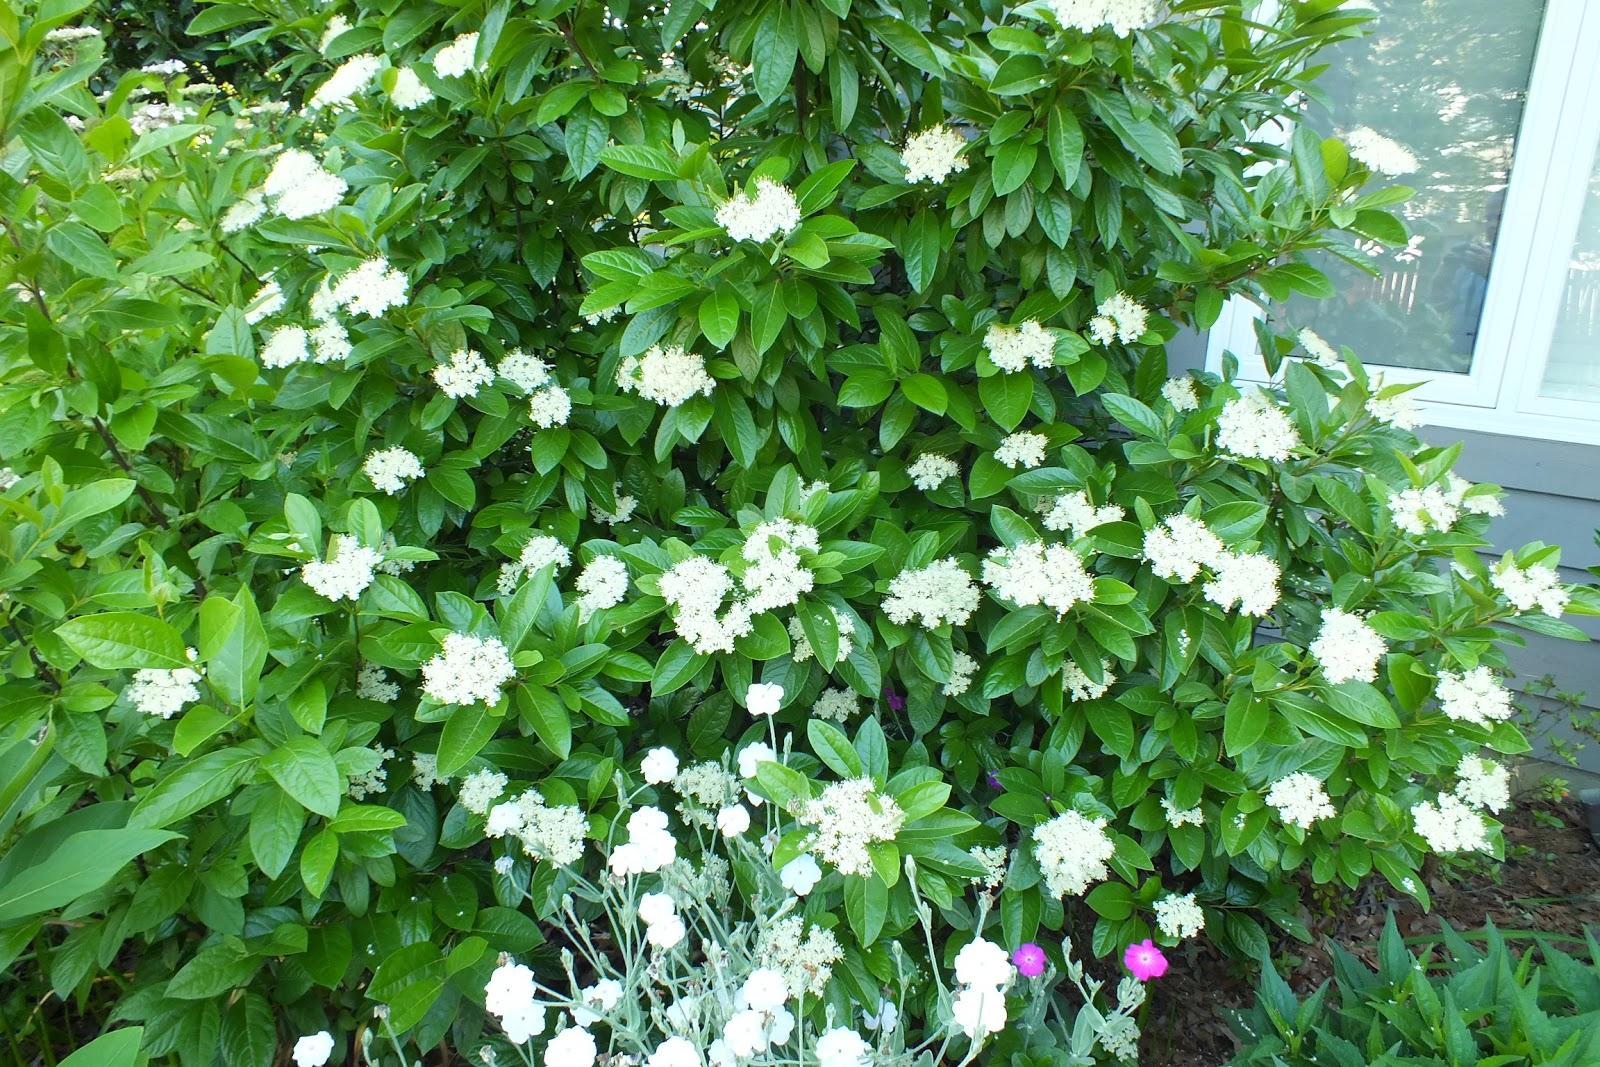 Gene's Garden: Summer arrives